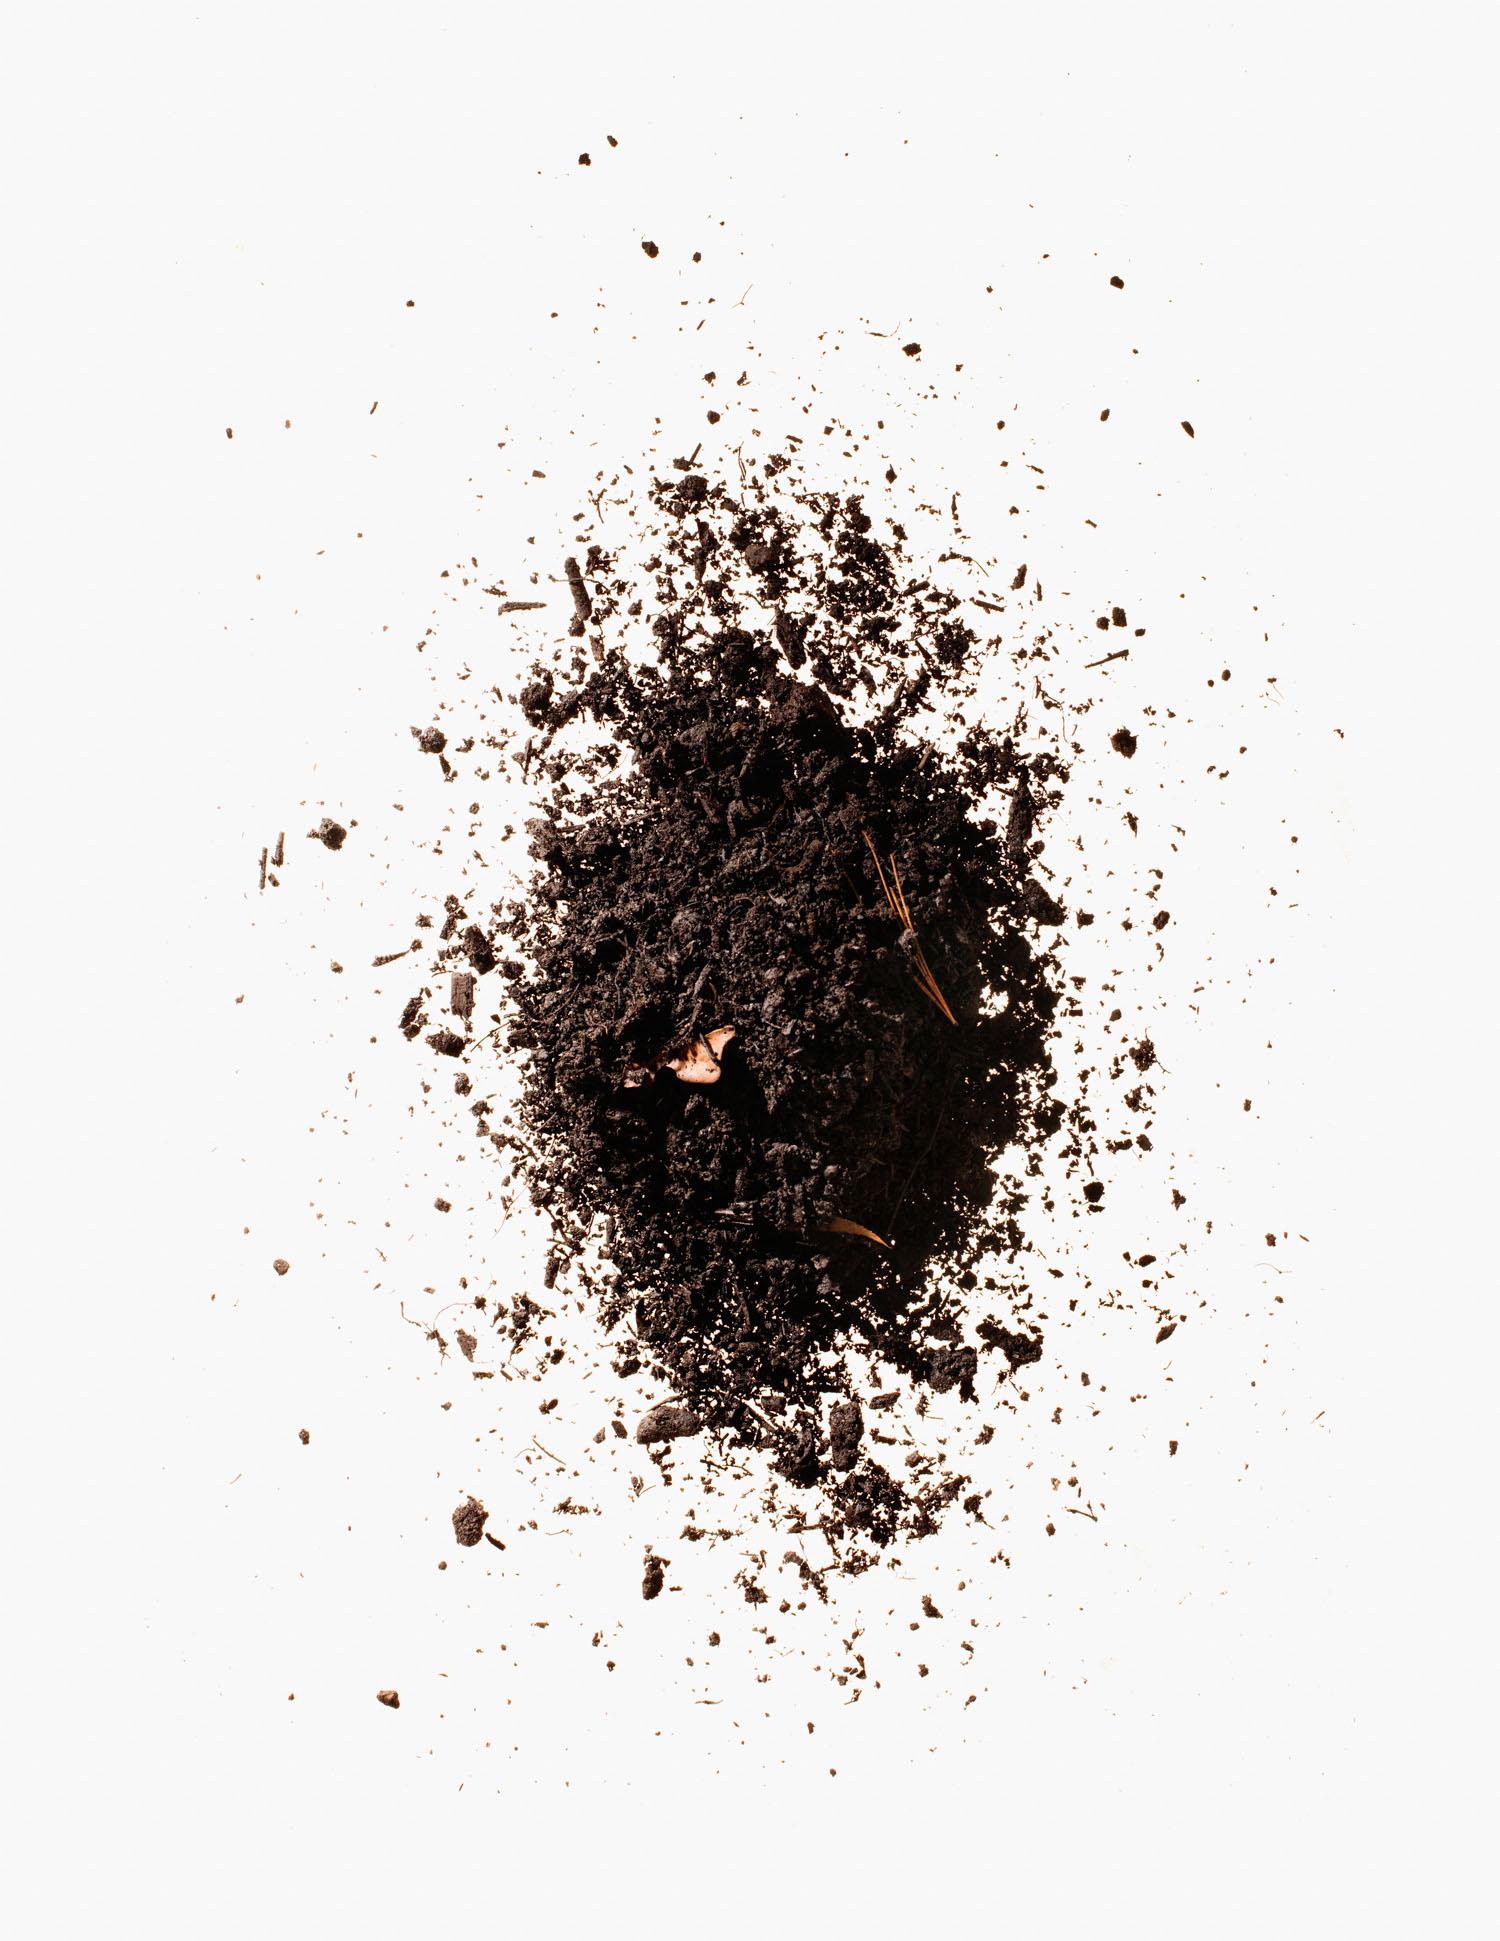 Compost Photographed by Adam DeTour